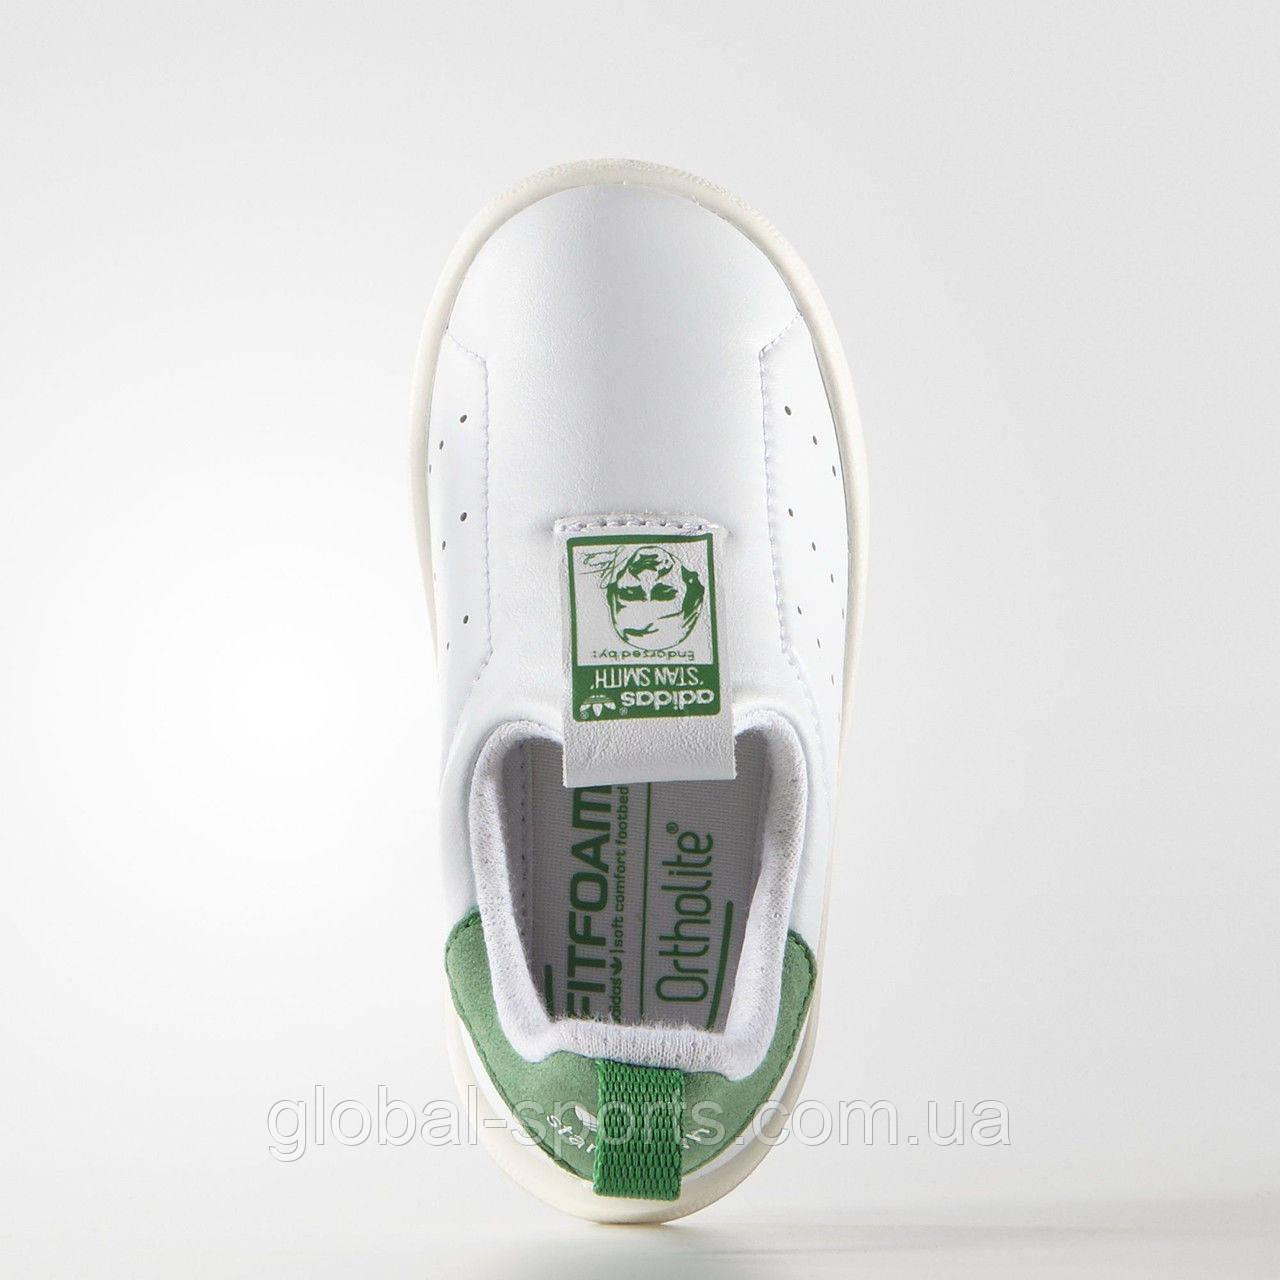 7c6d36ef ... Детские кроссовки Adidas originals stan smith 360 (Артикул: AQ4402), ...